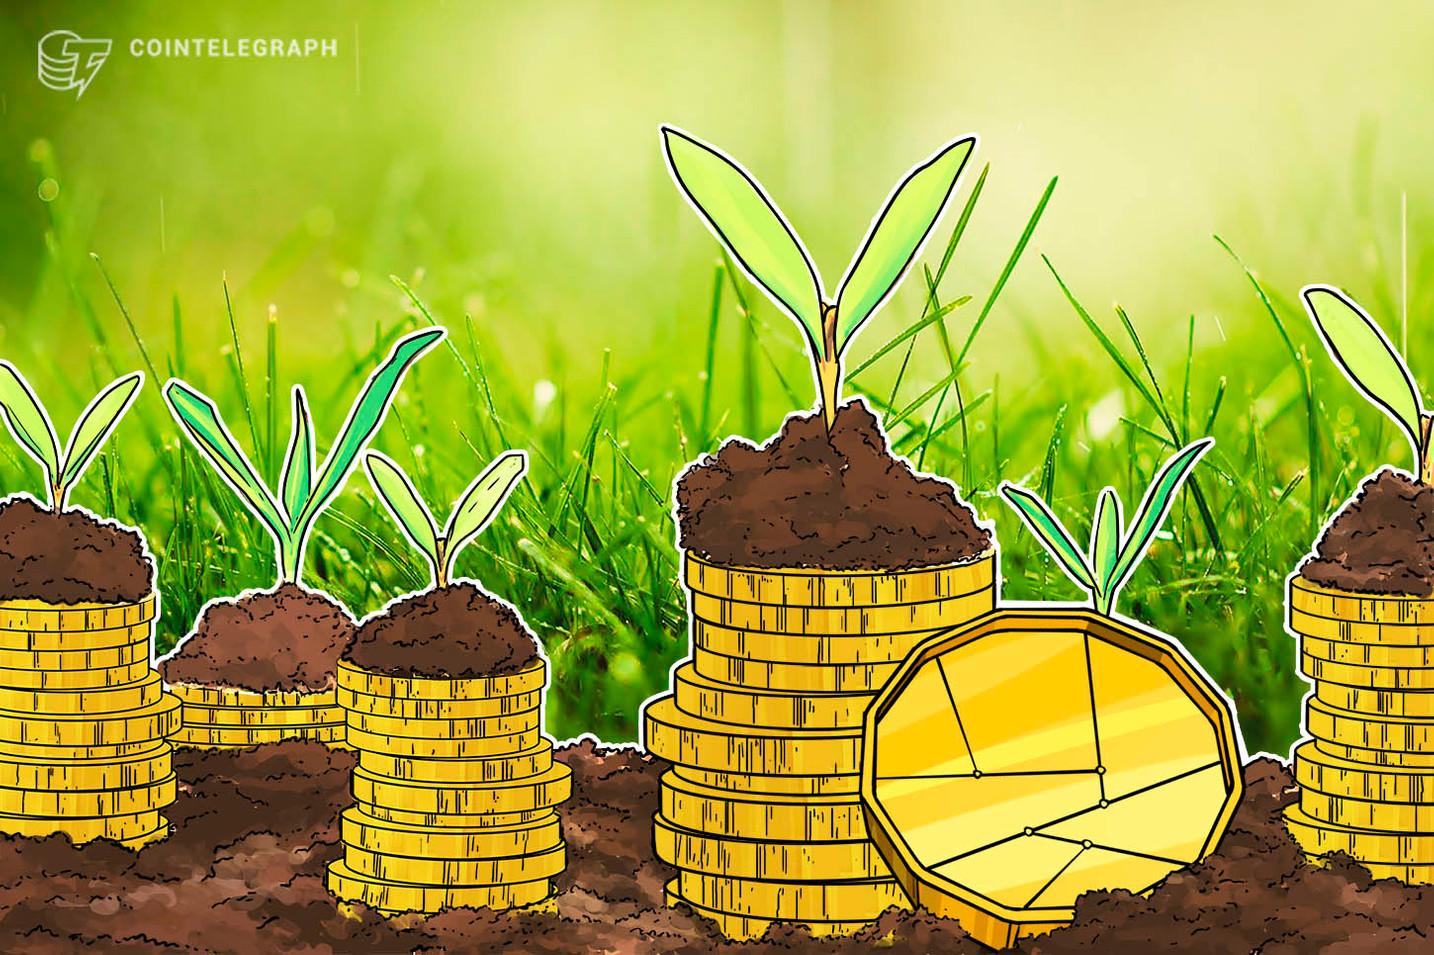 「仮想通貨ブームのおかげ」欧州オンラインバンクの利益が44%増加